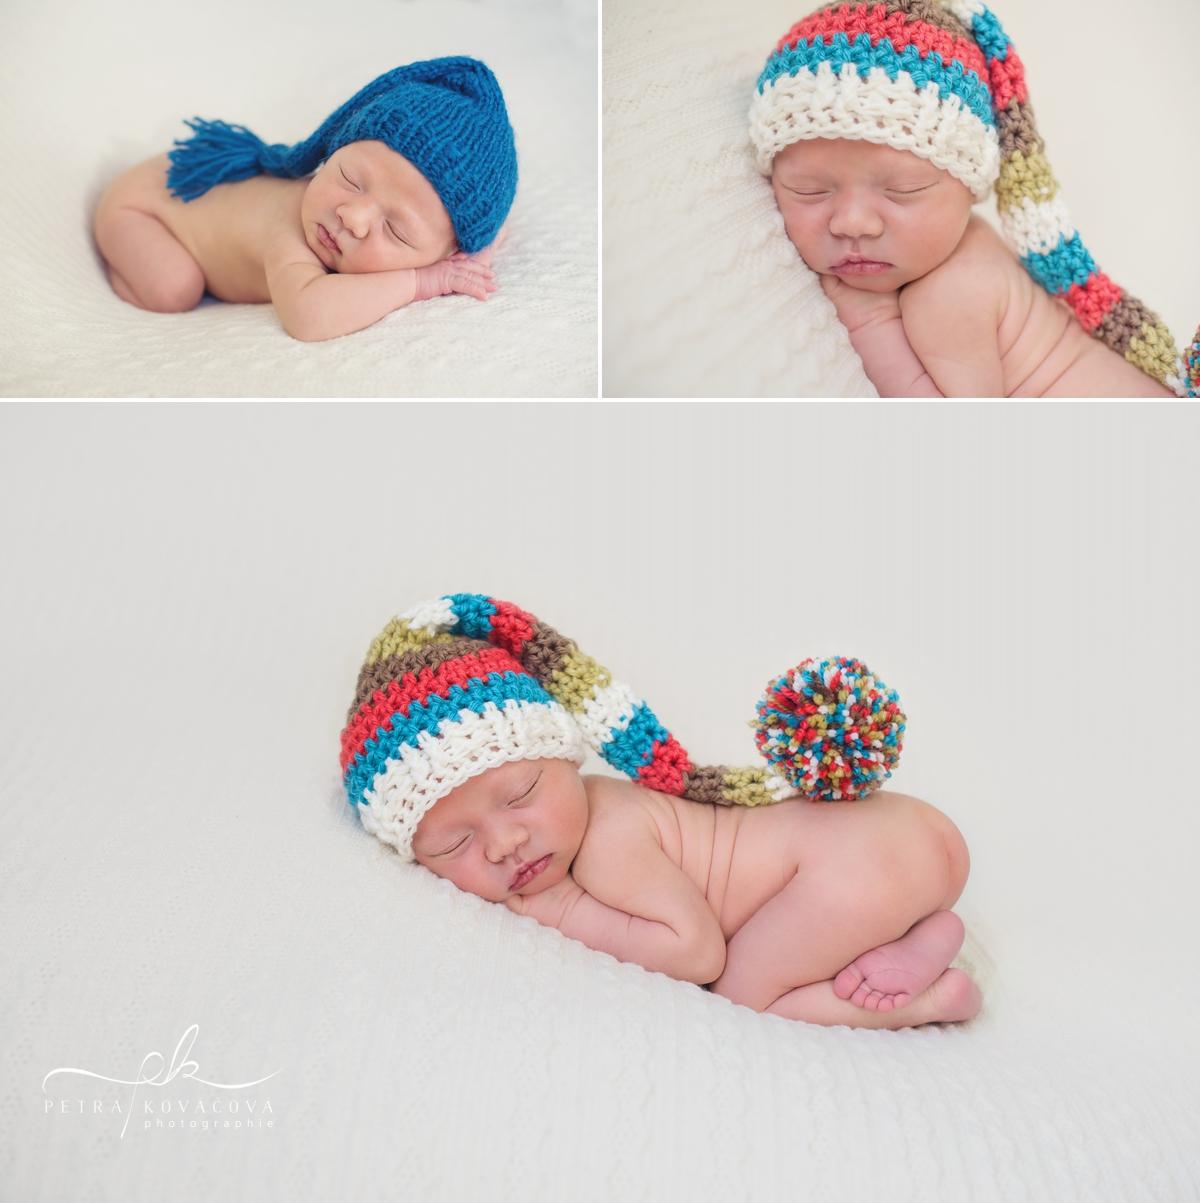 séance-photo-nouveau-né-maternité-naissance-rennes